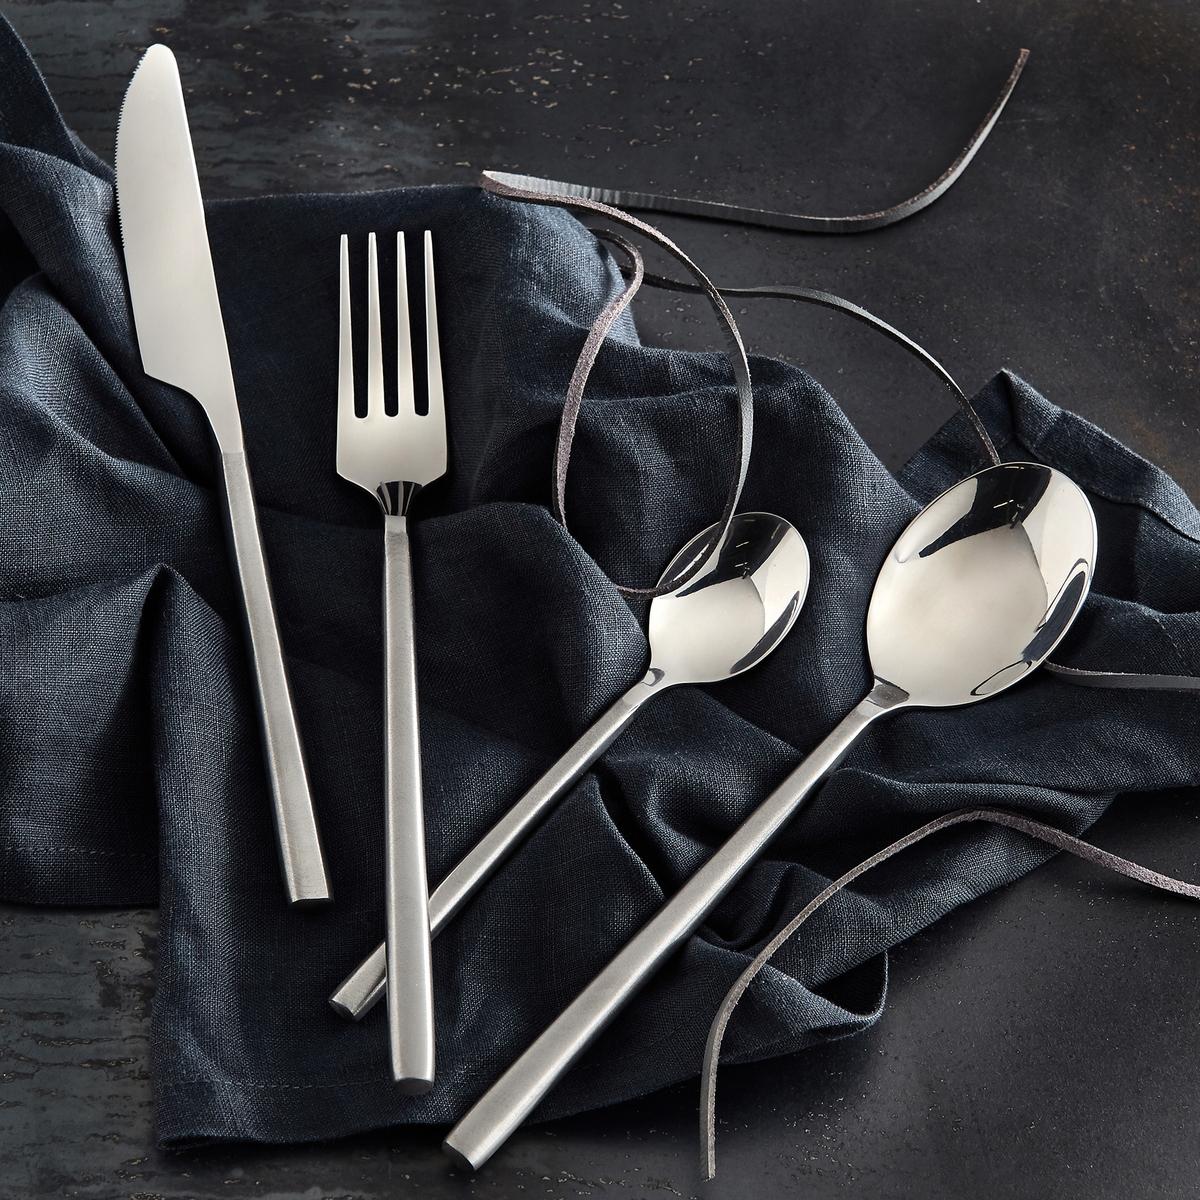 Комплект из 4 ножей из нержавеющей стали Concetti4 ножа Concetti. Из нержавеющей стали, ручка с матовой отделкой. Толщина 3,5 мм. Можно мыть в посудомоечной машине.<br><br>Цвет: стальной